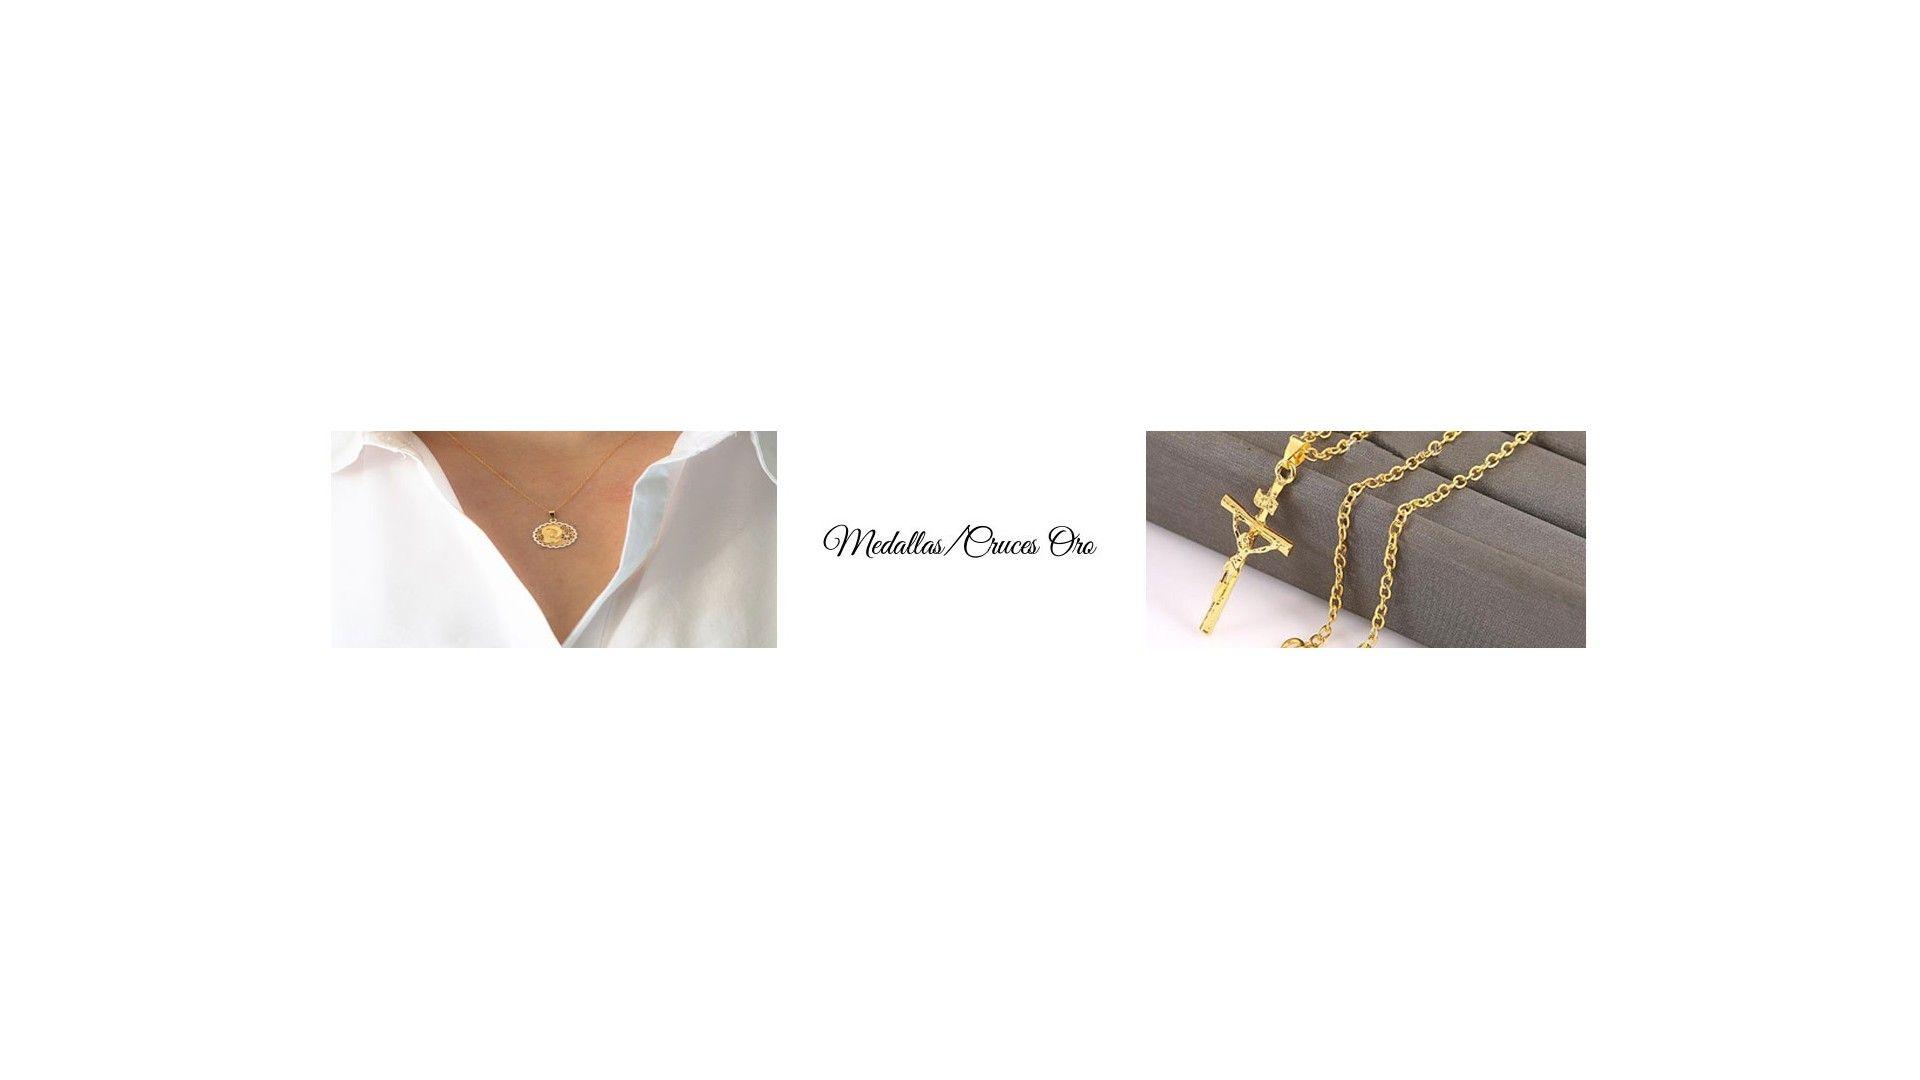 Medallas y cruces de oro comprar online